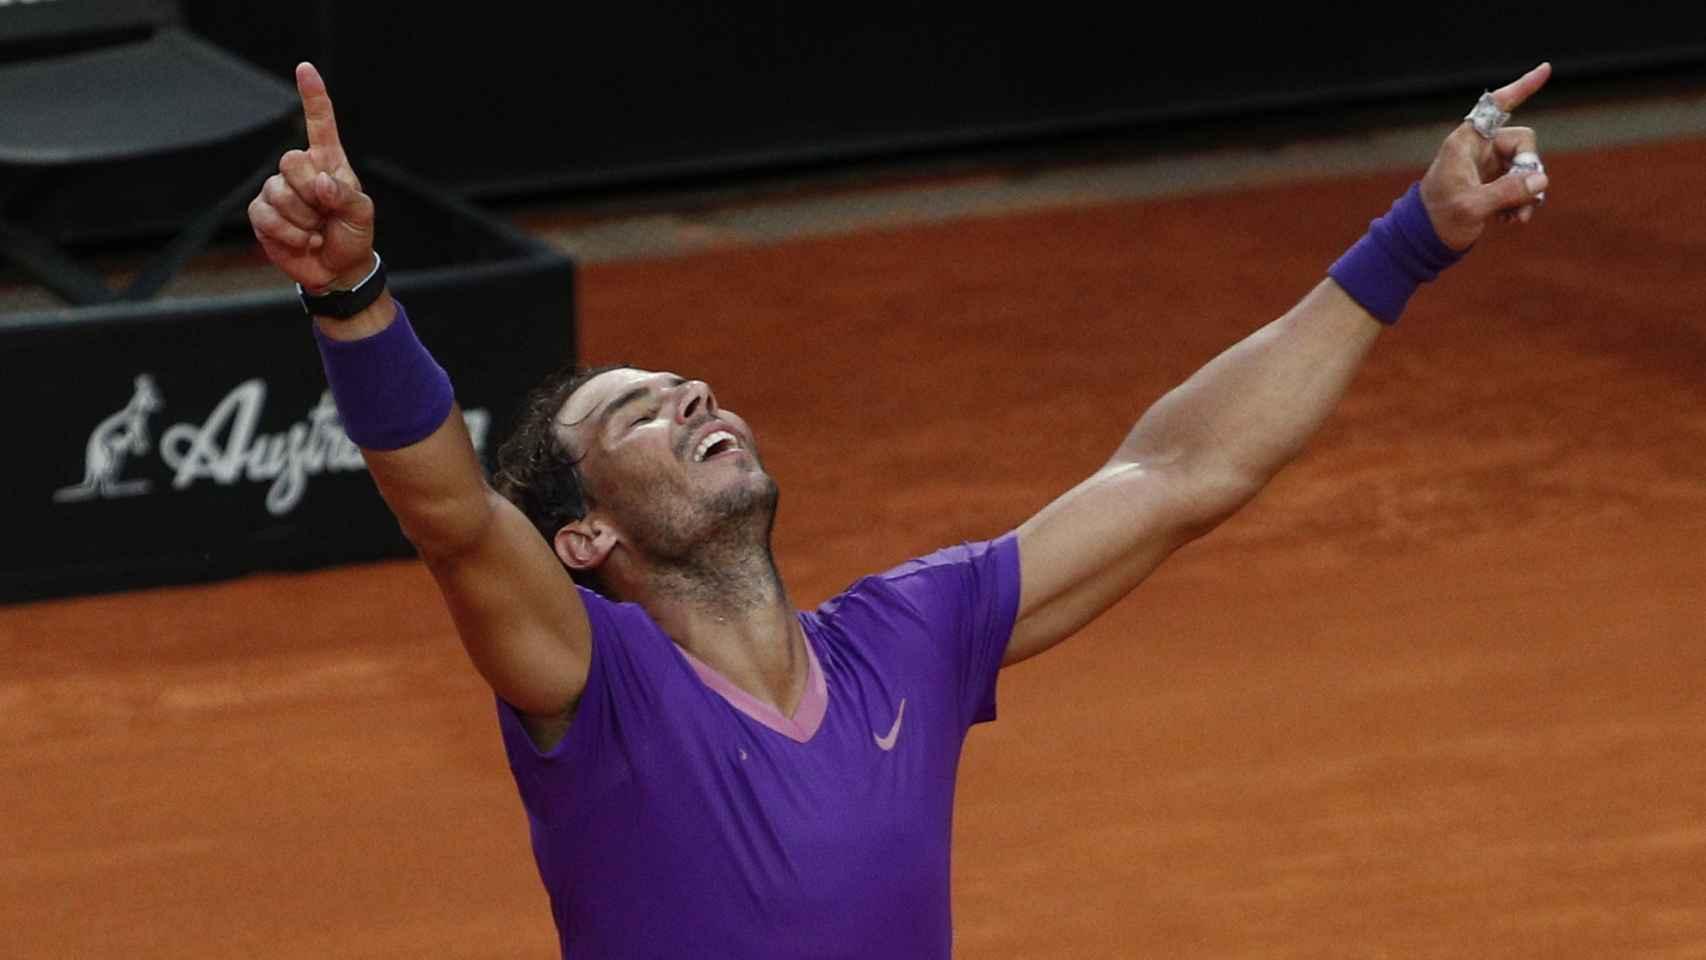 Manos al cielo de Rafa Nadal para celebrar la victoria en el Masters 1000 de Roma 2021